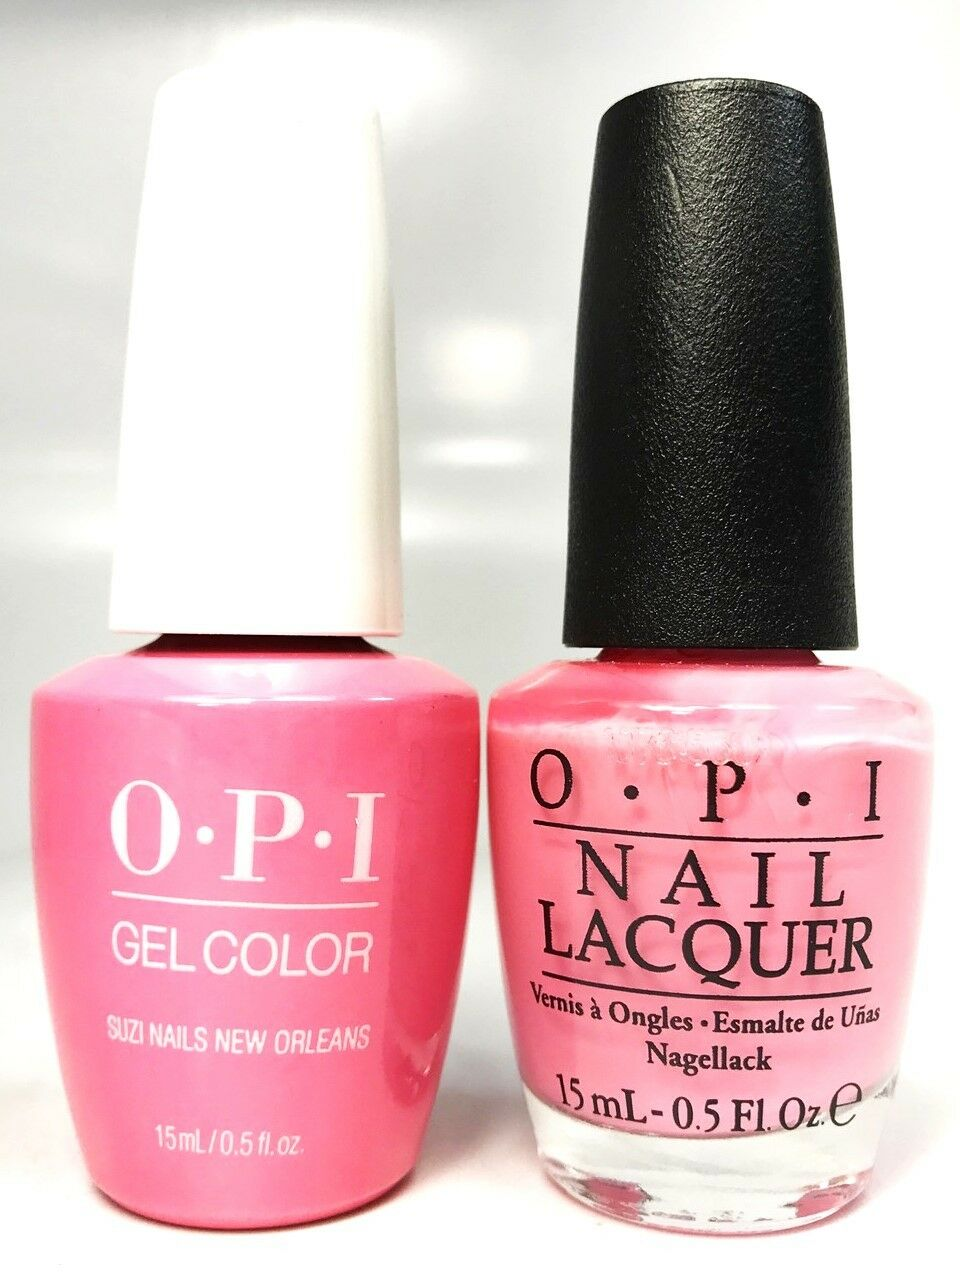 Opi Soak-Off GelColor Gel Polish + Nail Polish Suzi Nails New ...